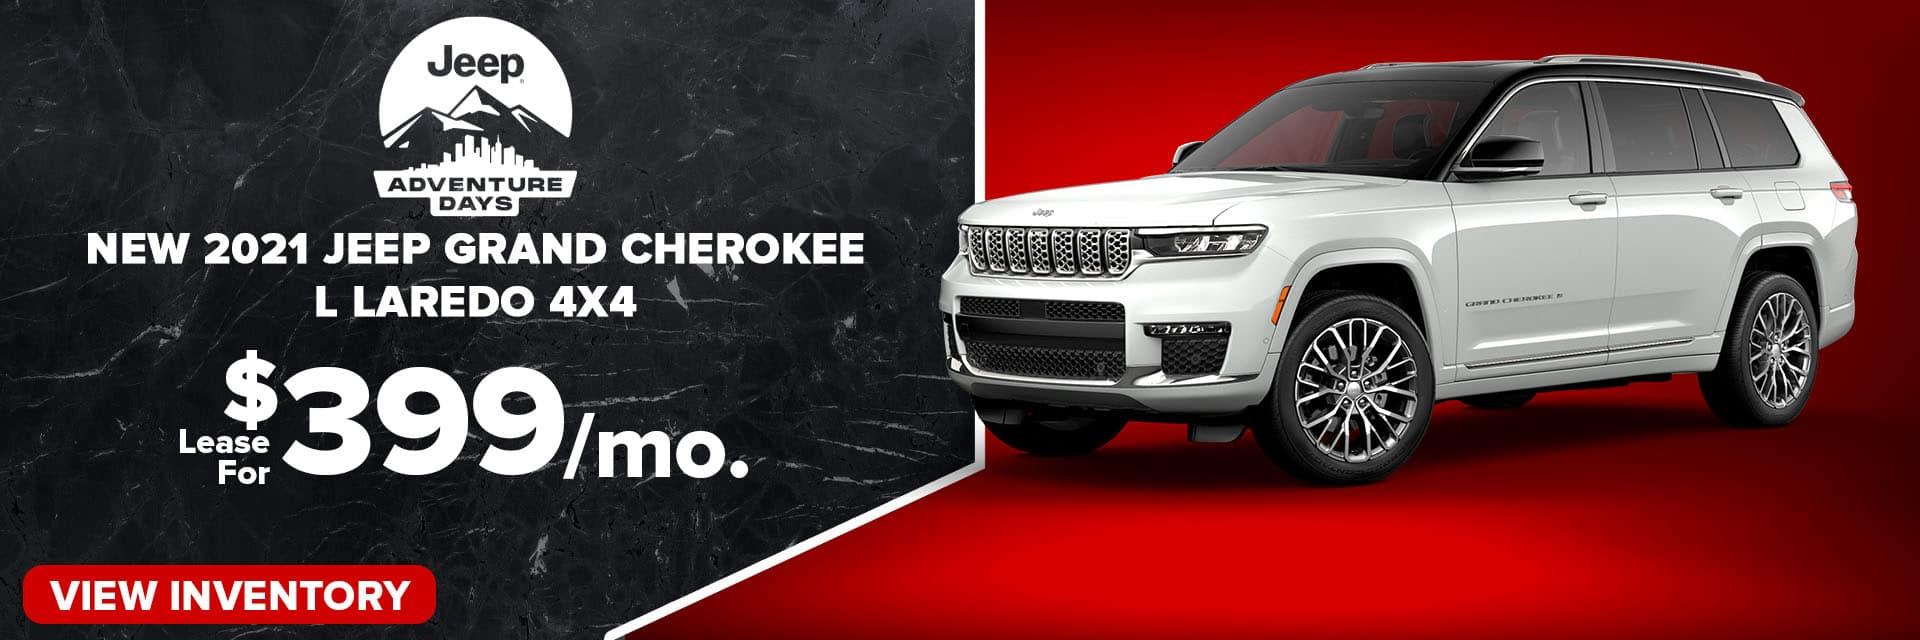 CLGO-September 2021-2021 Jeep Grand Cherokee copy